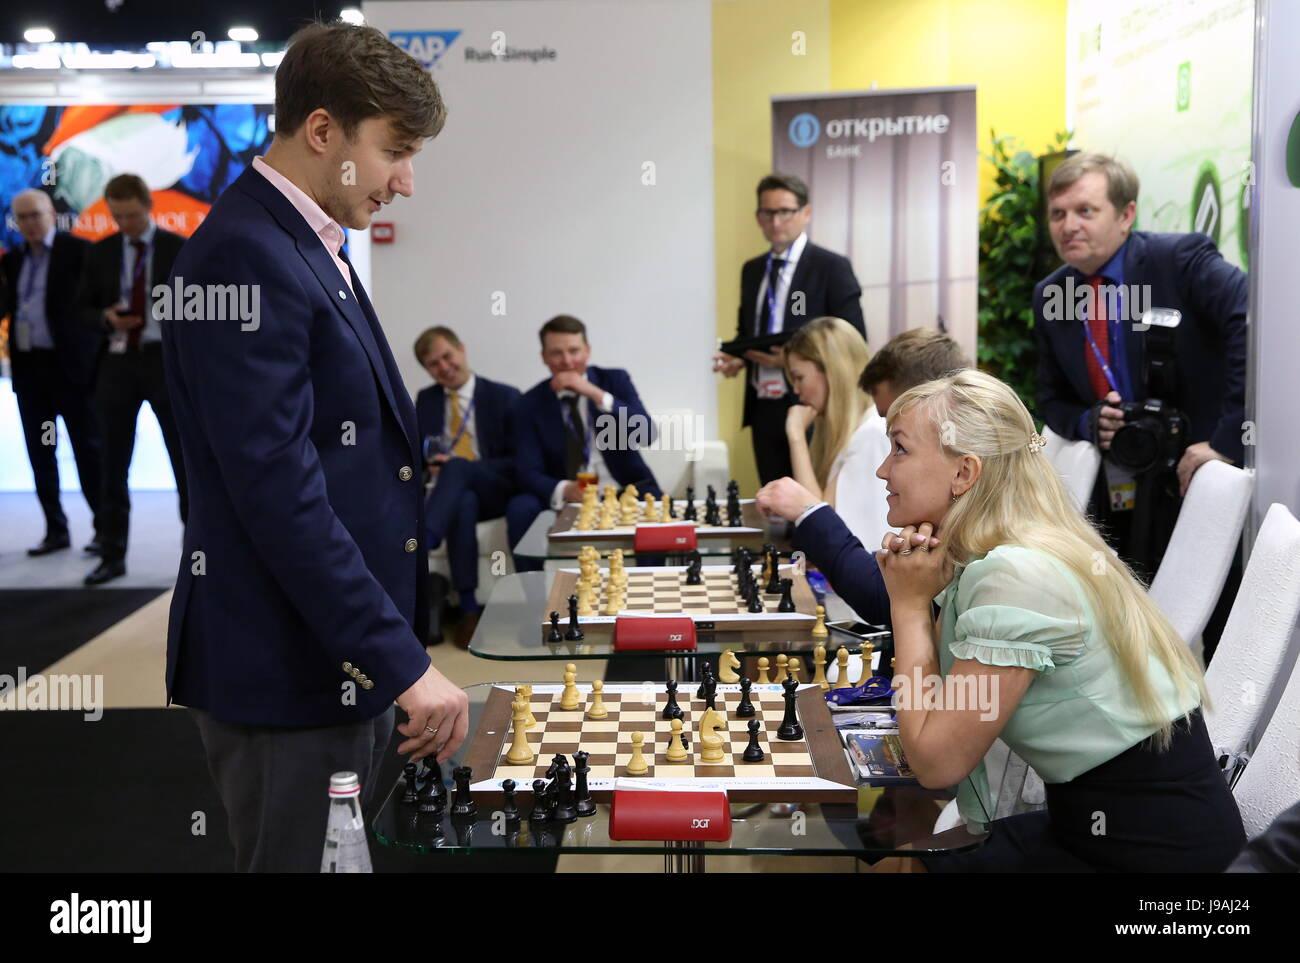 San Petersburgo, Rusia. El 1 de junio de 2017. El gran maestro de ajedrez ruso Sergey Karjakin (L) visto en un juego Imagen De Stock